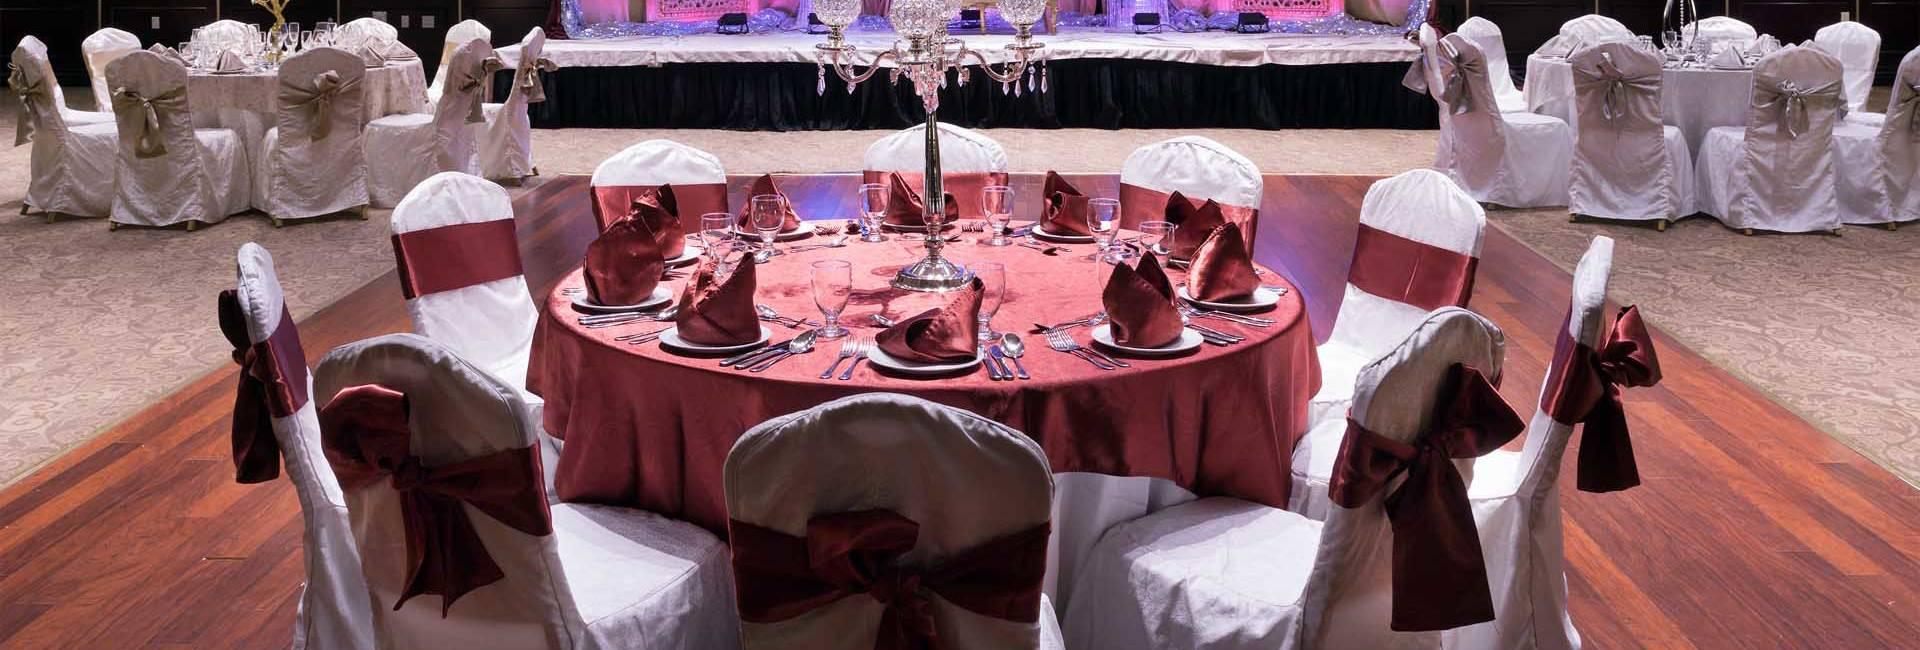 banquet halls in vaughan